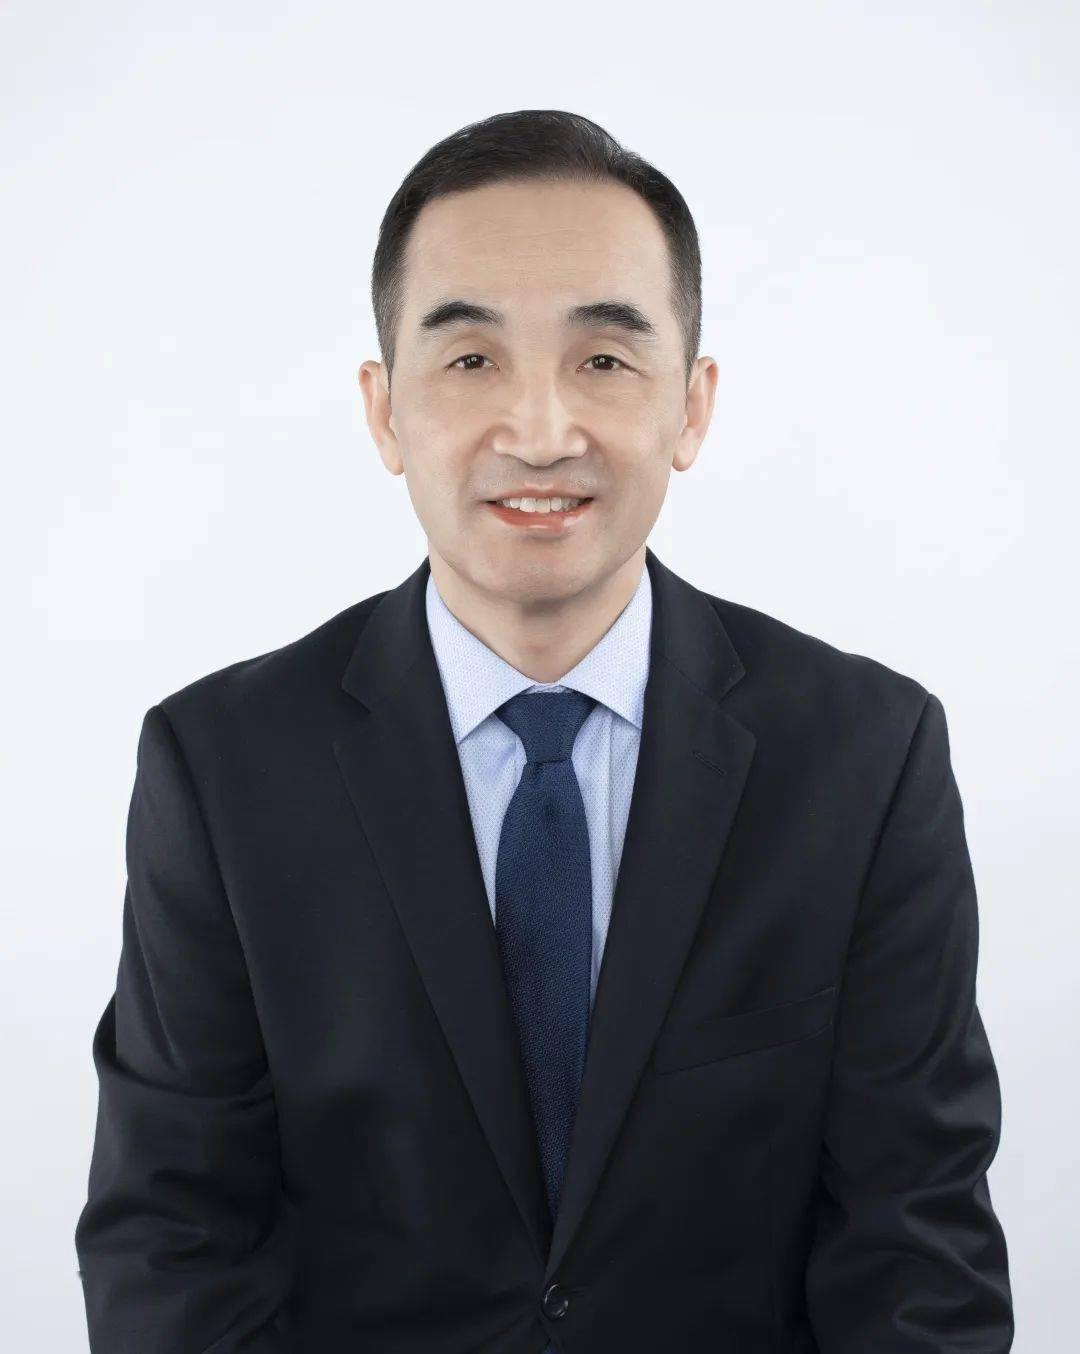 欢迎报名 数据科学应用研讨会暨深圳大数据研究院开放日